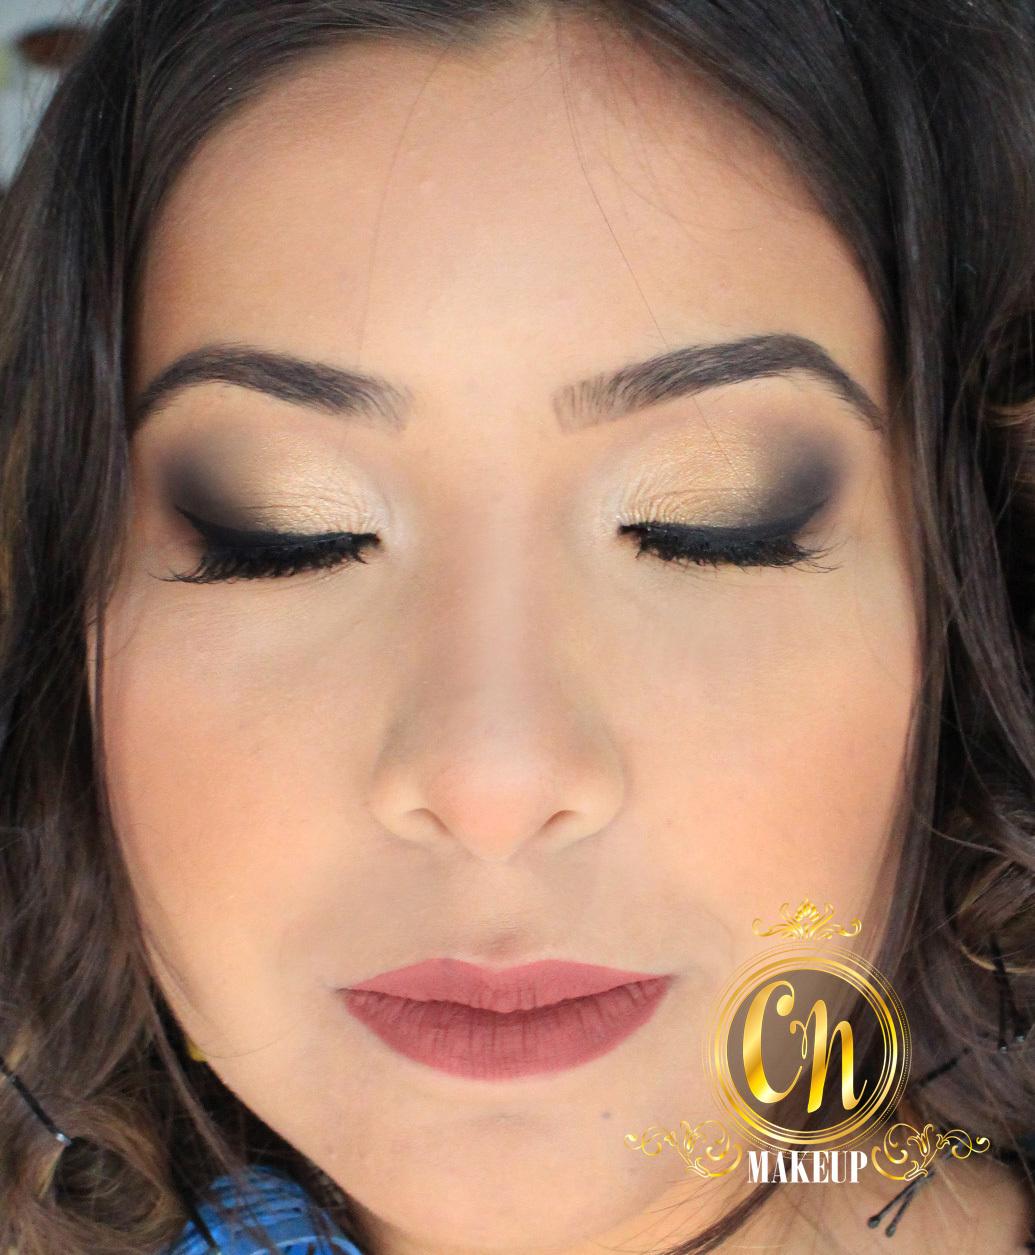 Maquiagem dourada com toque leve para formatura dessa linda!  #maquiagem #maquiagempro #makeupartist #mua #maquiadoraubatuba #maquiagemformatura #formanda #makeup #makeuppro #maquiagemneutra #batomnude #nudelipstick #maquiadora maquiagem maquiador(a)